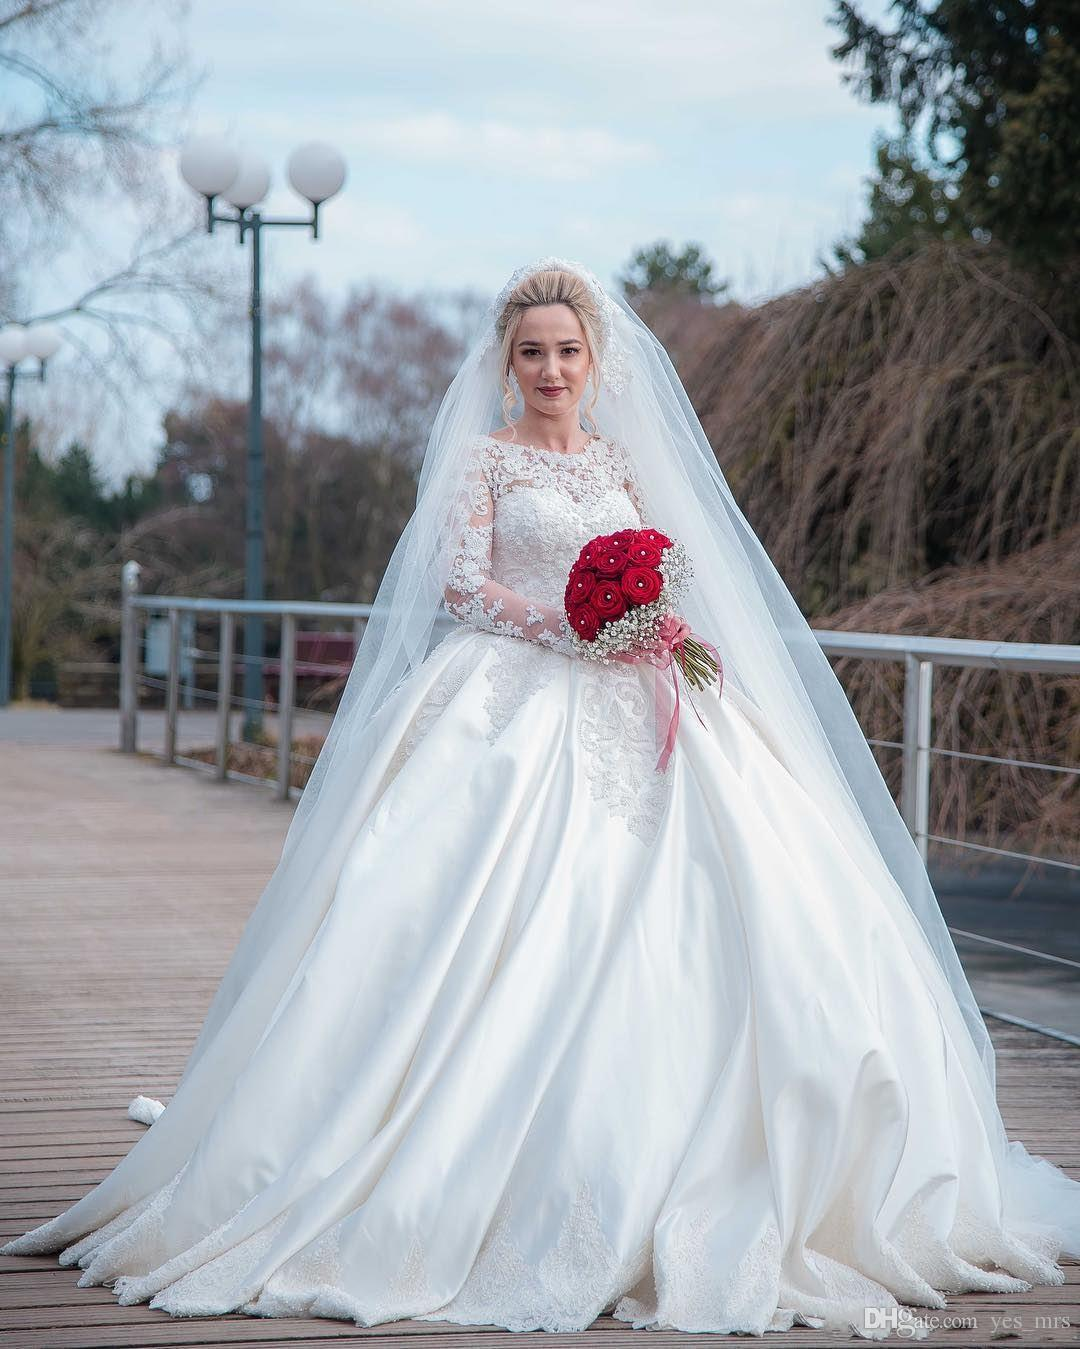 2020 새로운 현대 아랍어 공 가운 웨딩 드레스 보석 목 레이스 아플리케 긴 소매 새틴 플러스 사이즈 버튼 다시 긴 정식 신부 가운